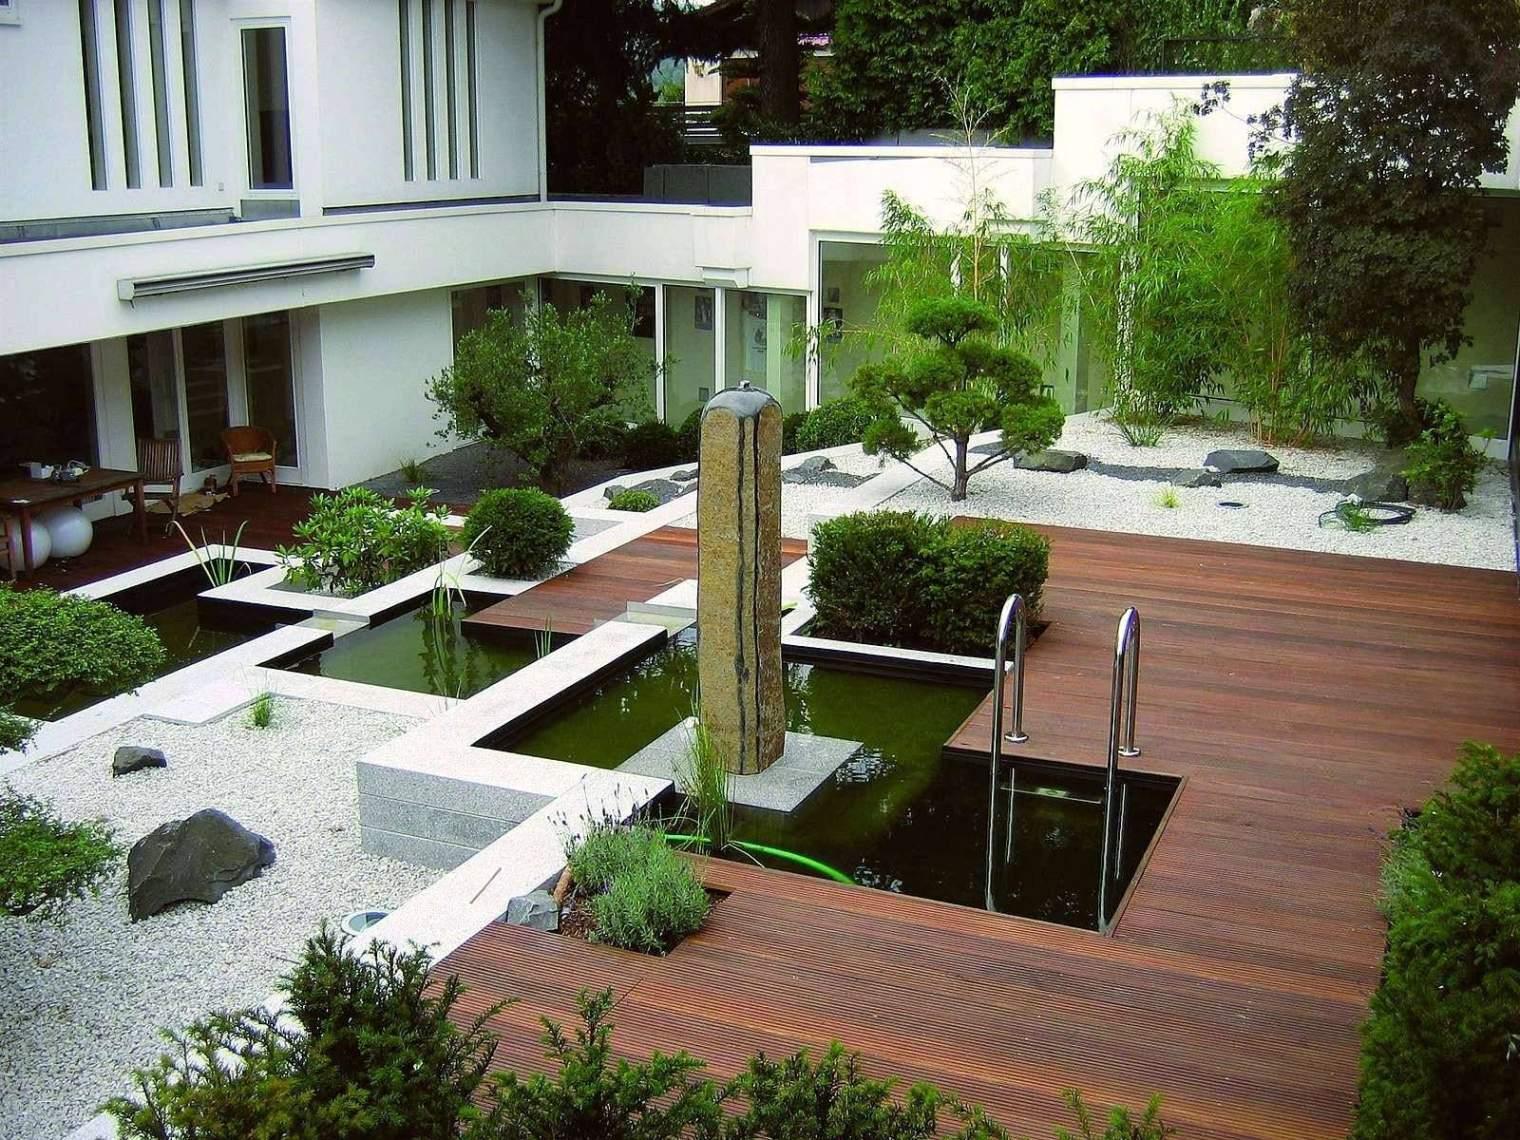 42 schon garten anlegen ideen pic wintergarten mediterran gestalten wintergarten mediterran gestalten